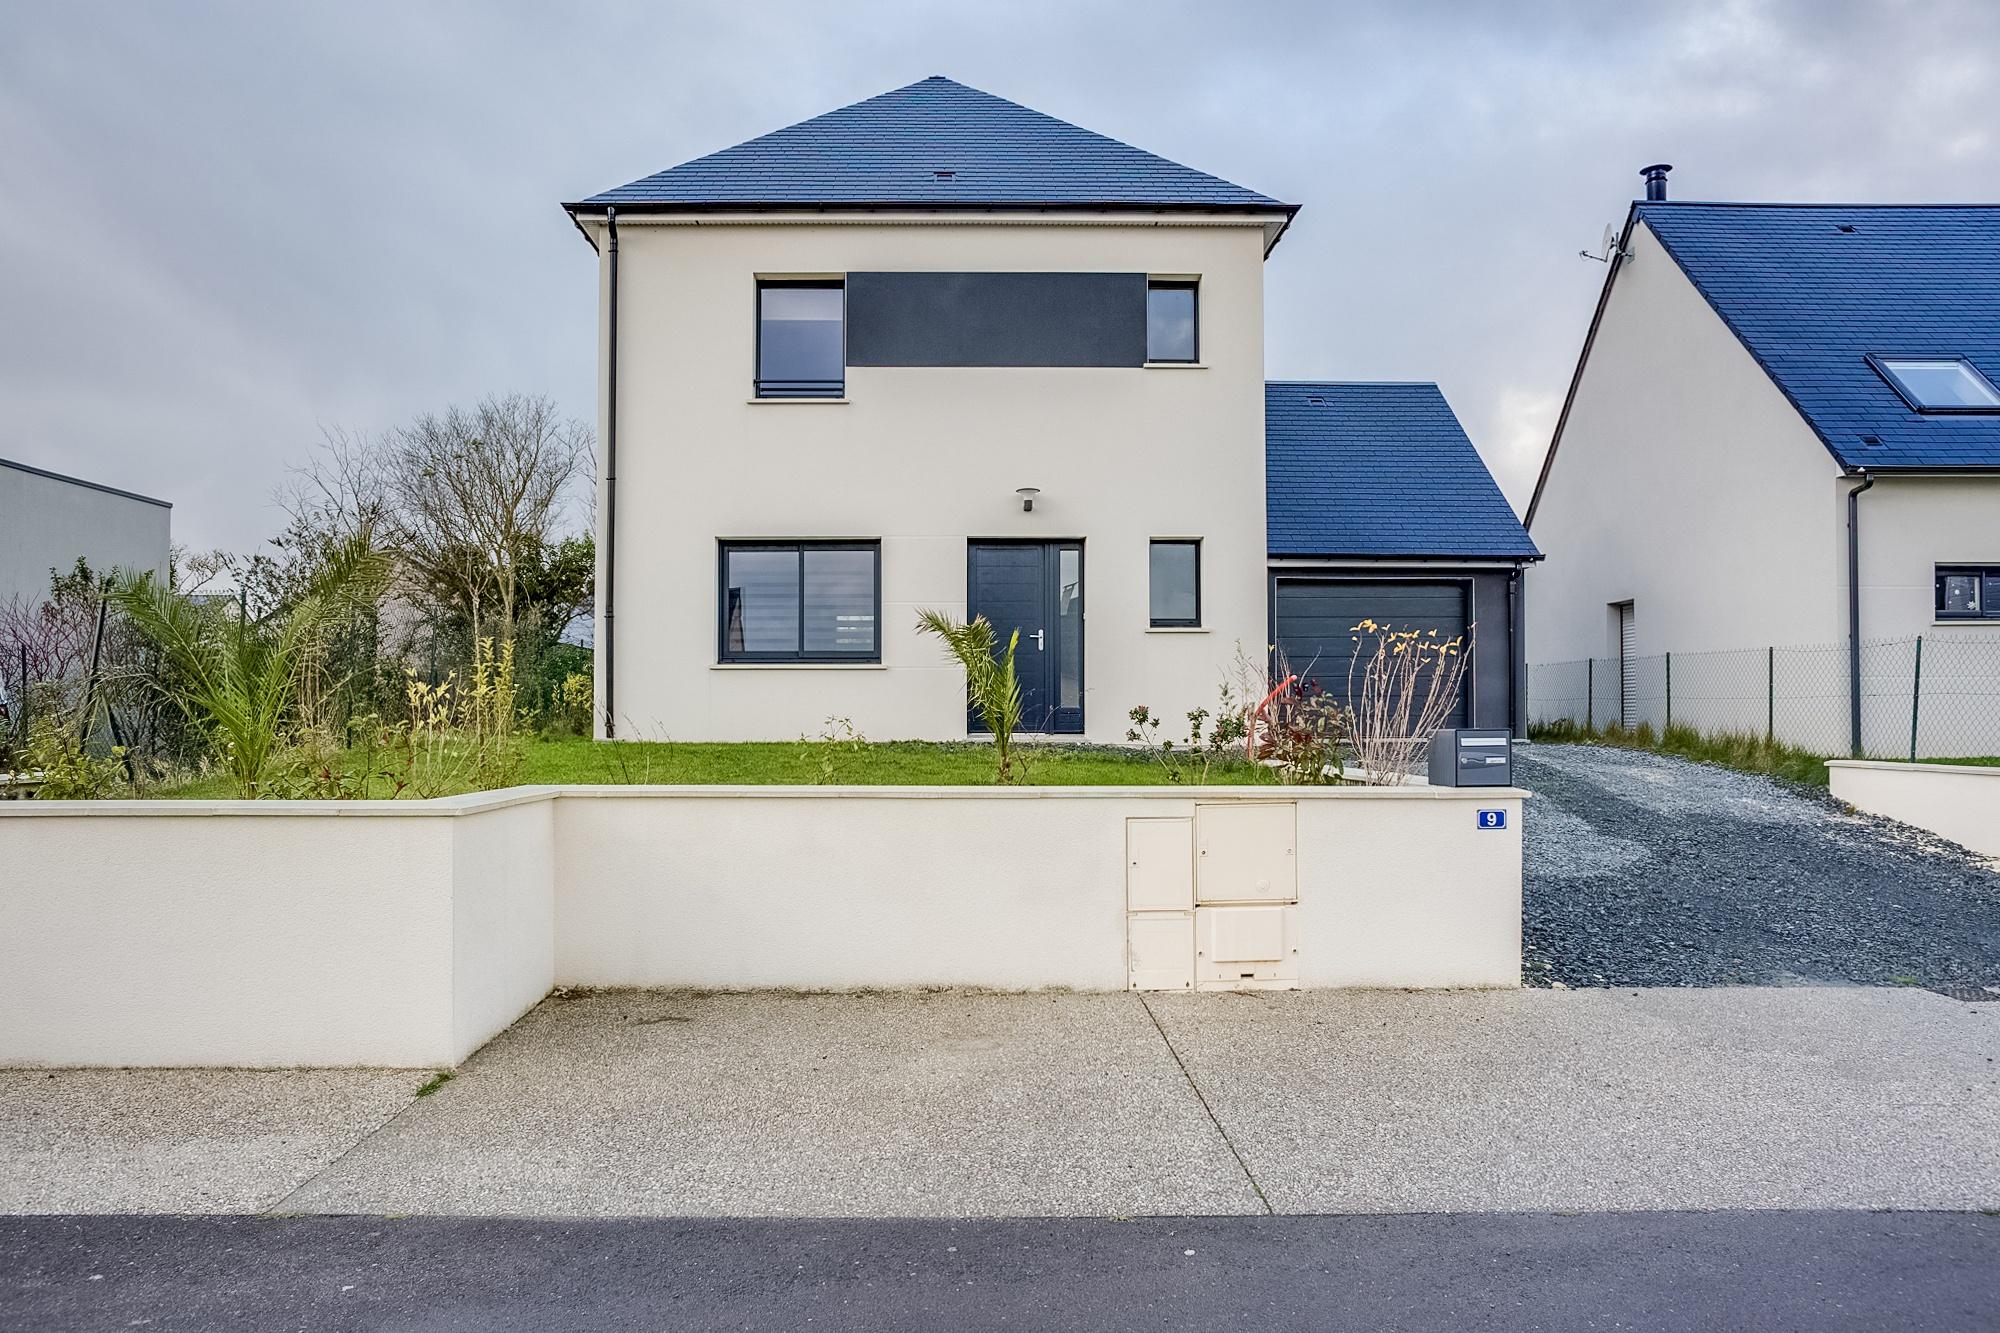 Maisons + Terrains du constructeur MAISON FAMILIALE RENNES • 102 m² • CHANTELOUP